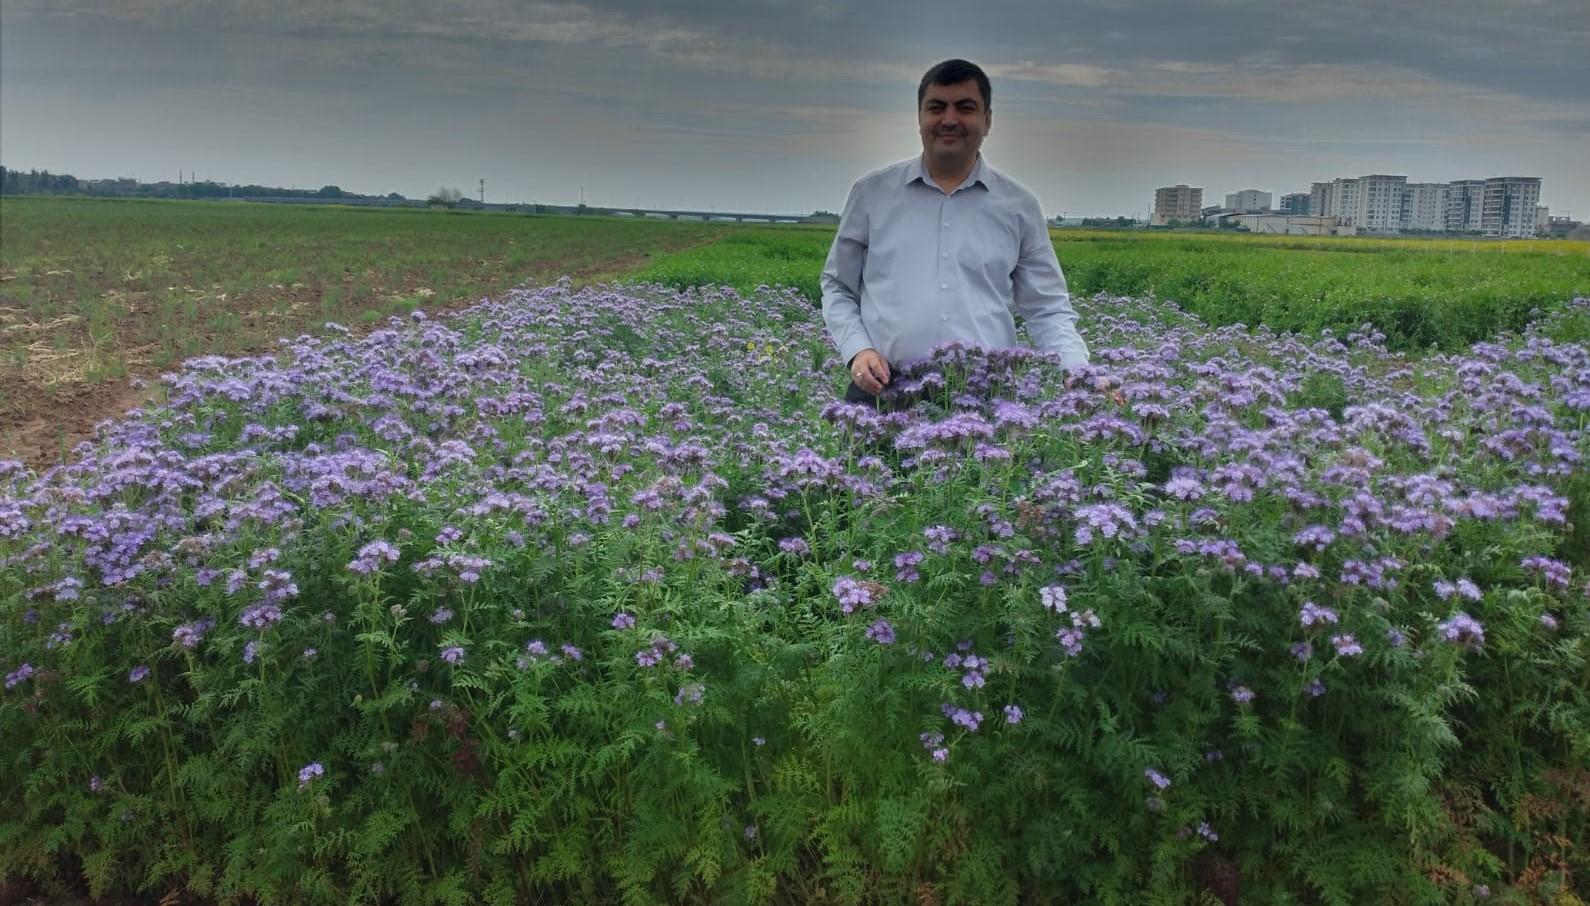 Diyarbakır'da verimli bal için arı otu yetiştiriliyor